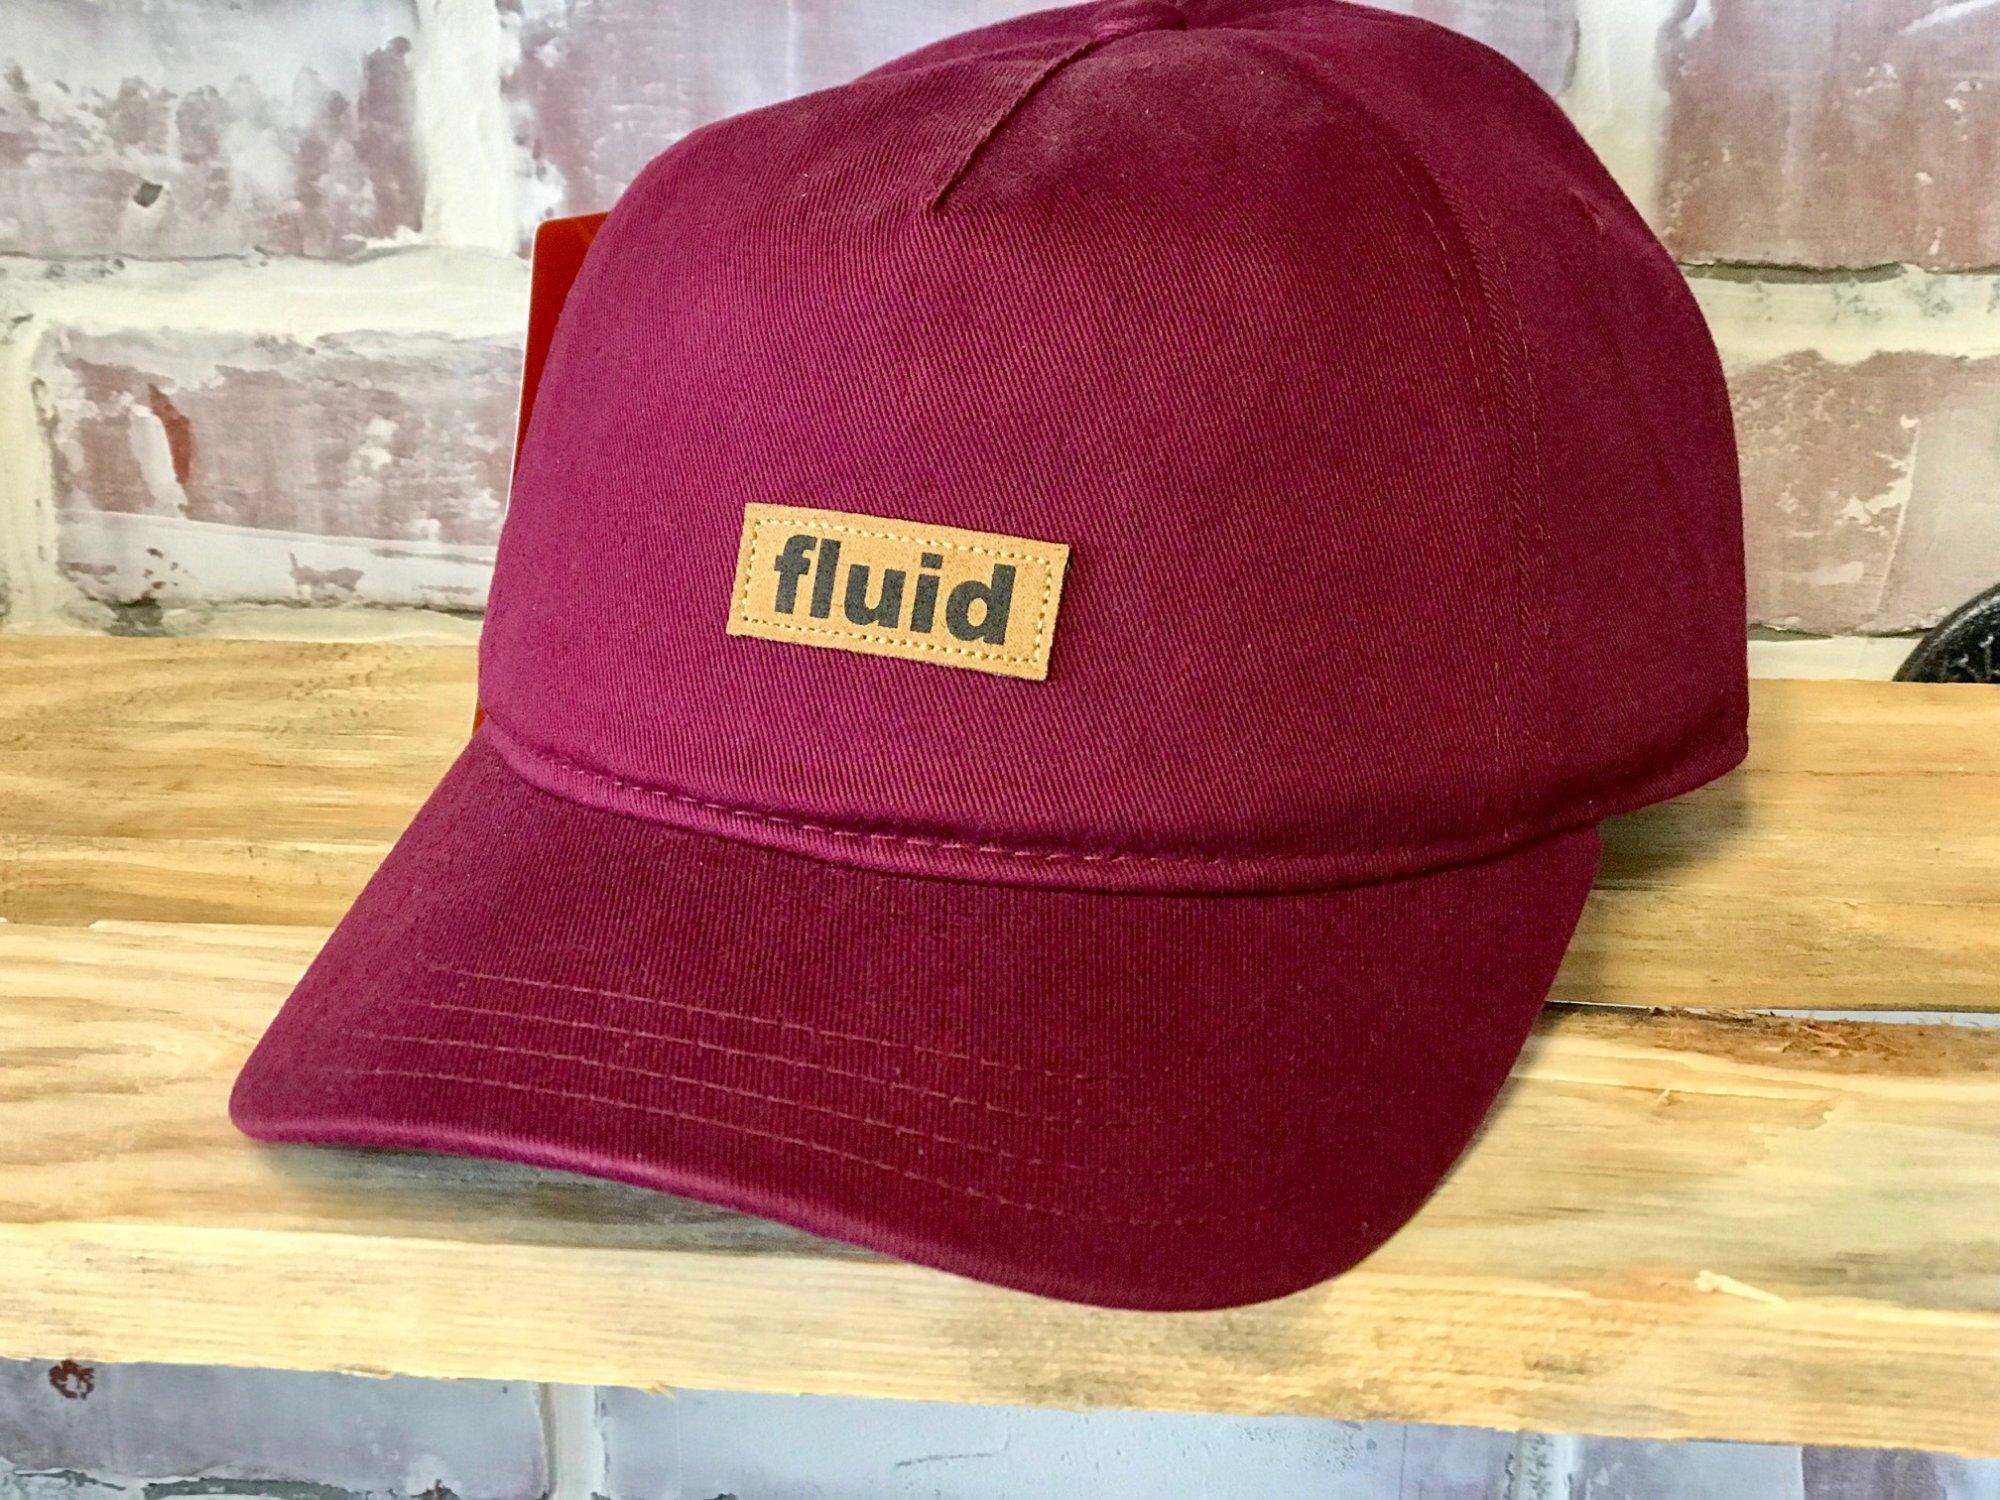 FLUID LEATHER PATCH BLOCK HAT